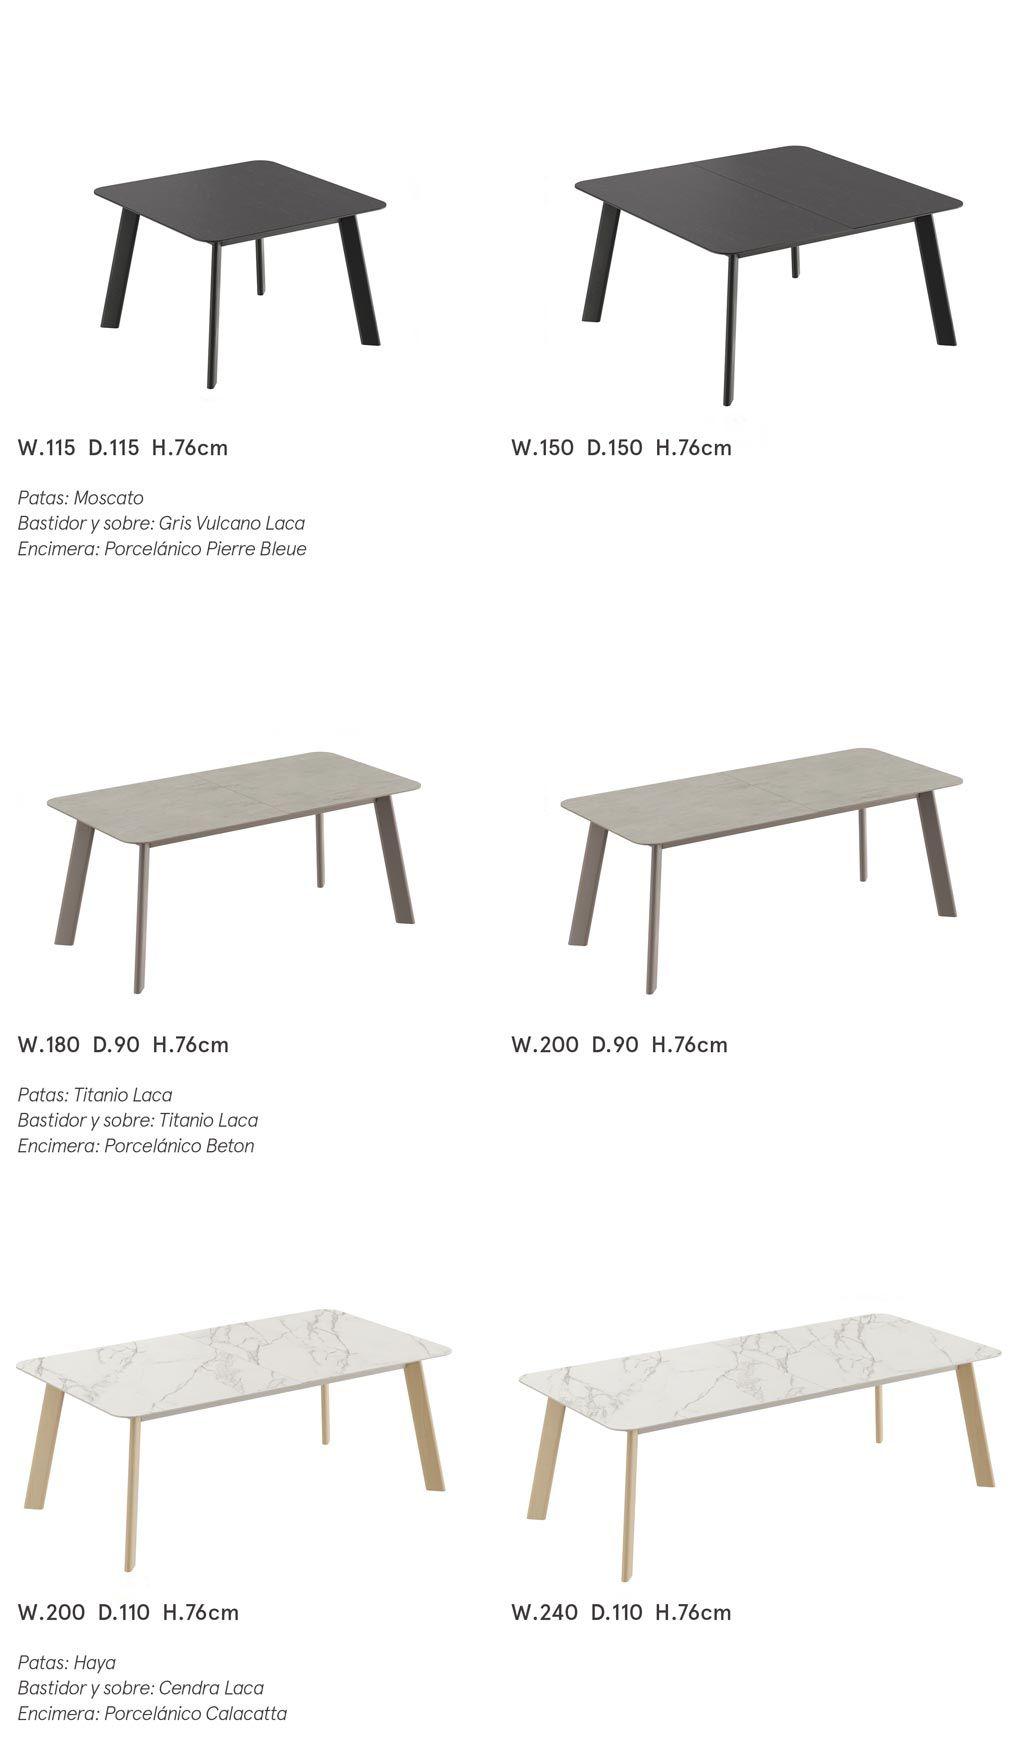 Diferentes mesas de comedor fijas del catálogo Día